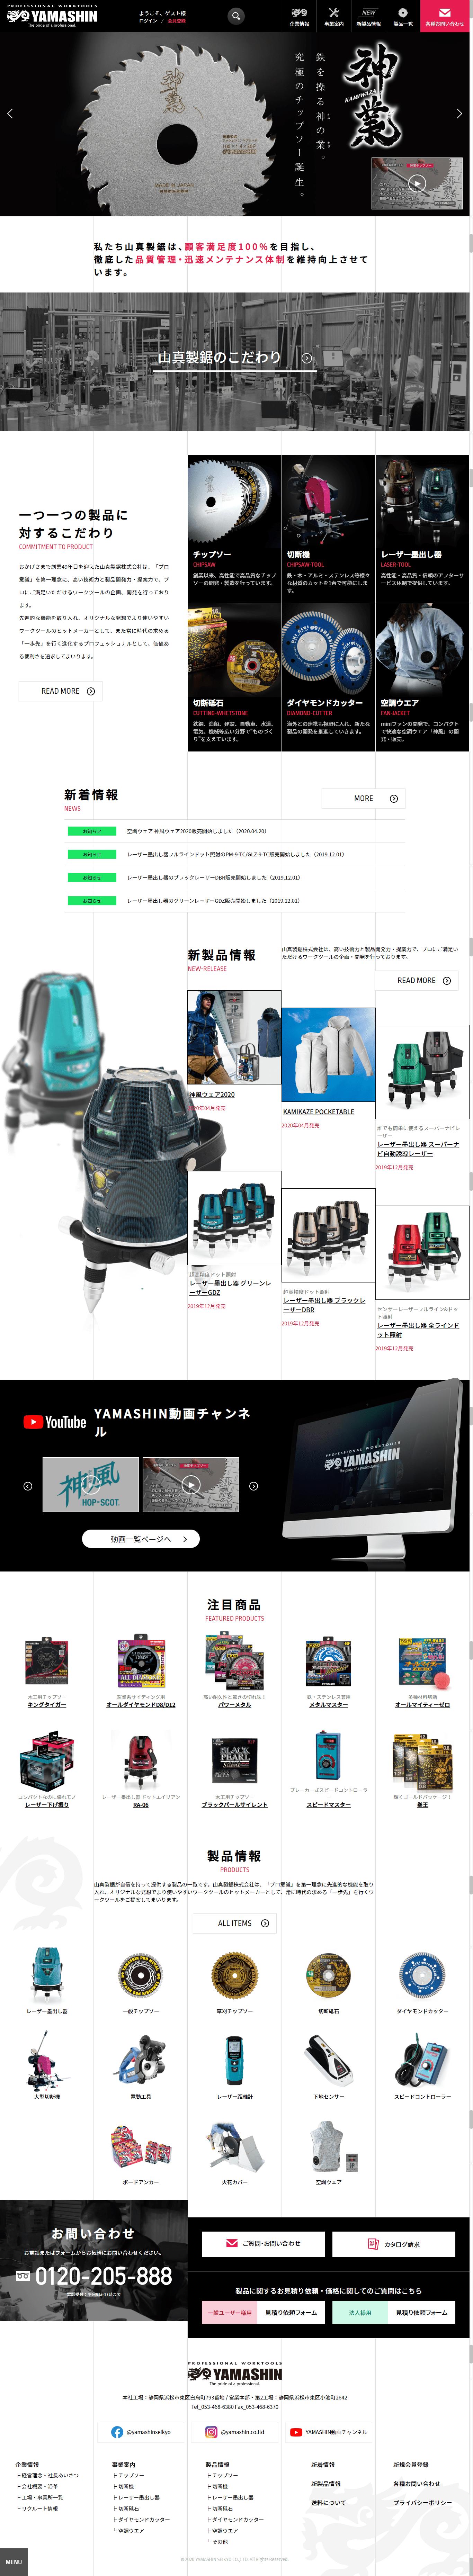 山真製鋸株式会社 様 サイトリニューアル